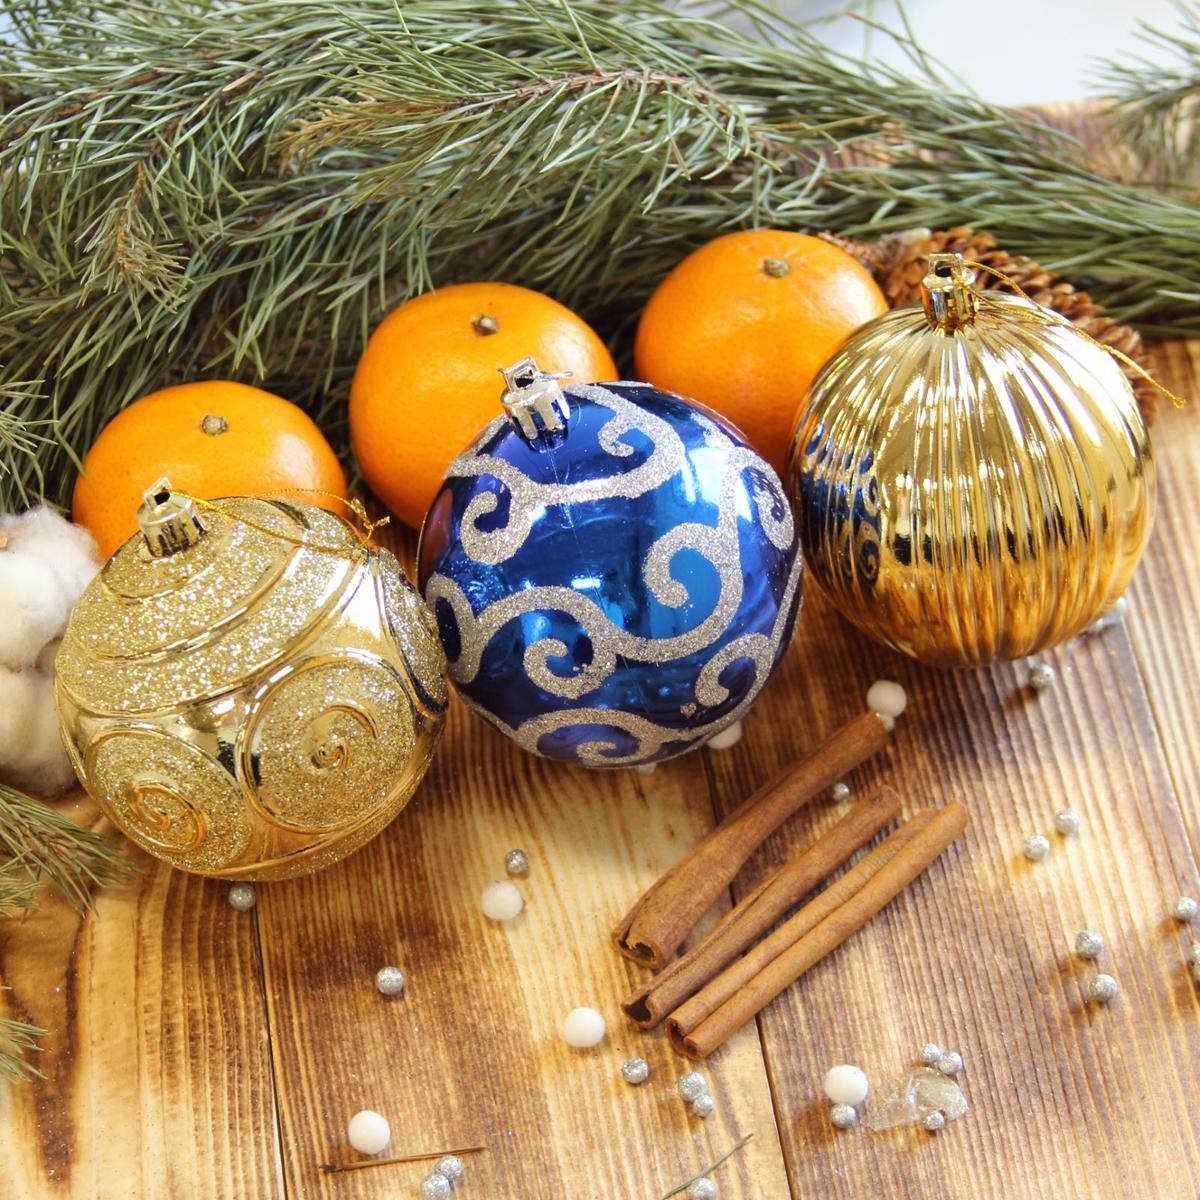 Набор новогодних подвесных украшений Sima-land Элит, диаметр 8 см, 12 шт2123001Невозможно представить нашу жизнь без праздников! Мы всегда ждём их и предвкушаем, обдумываем, как проведём памятный день, тщательно выбираем подарки и аксессуары, ведь именно они создают и поддерживают торжественный настрой.